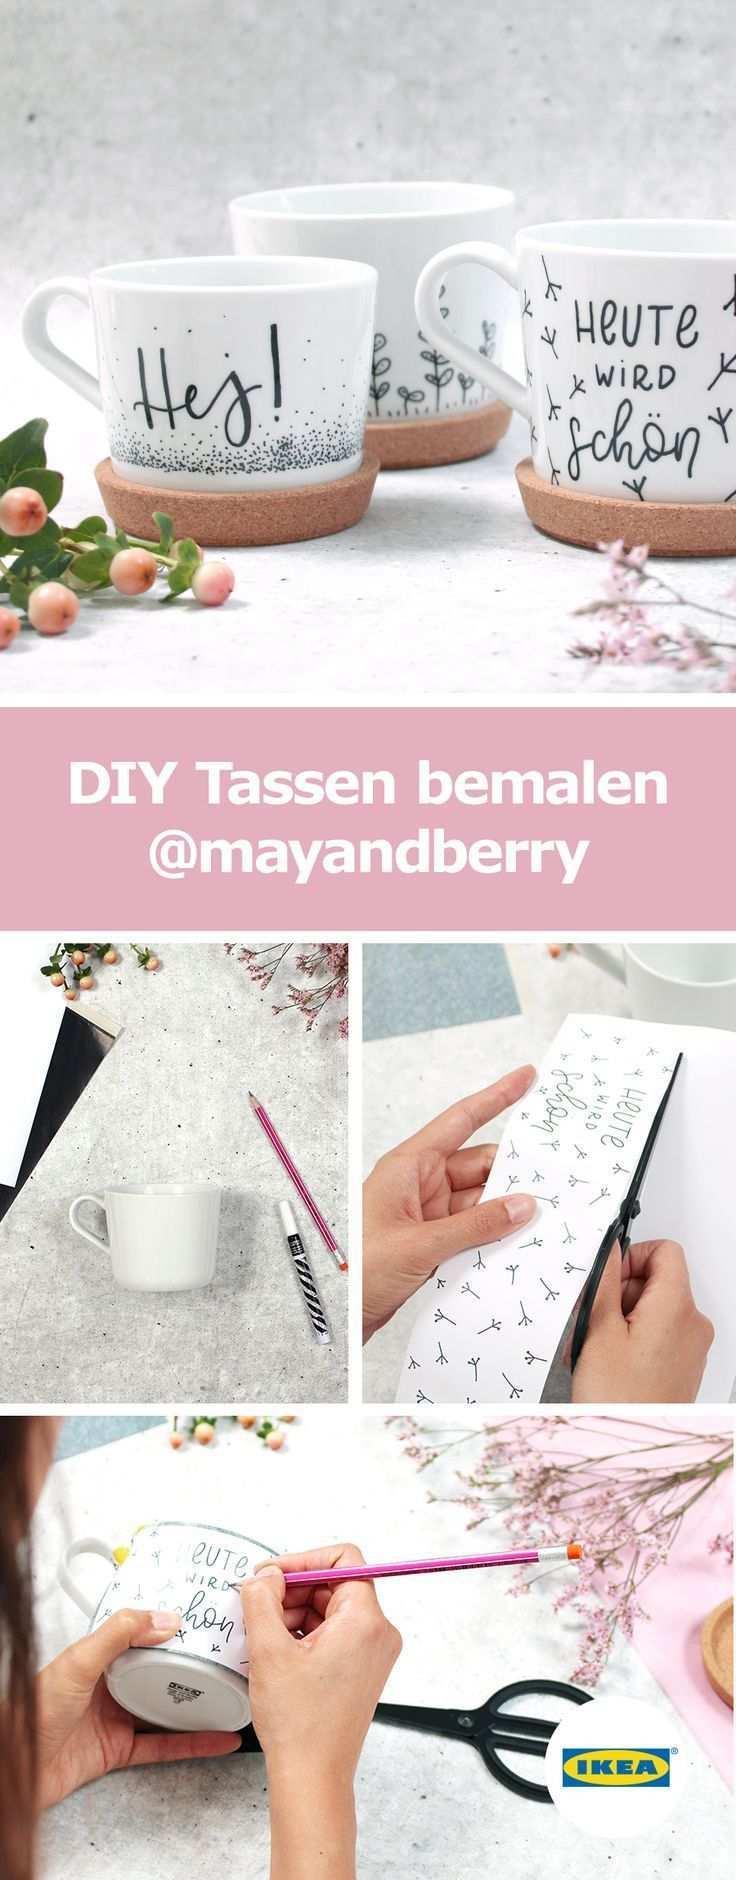 Ikea Deutschland Wie Du Diese Wunderschonen Tassen Motive Selbst Umsetzen Kannst Zeigen Dir Mayandberry Tasse Gestalten Tassen Bemalen Ikea Diy